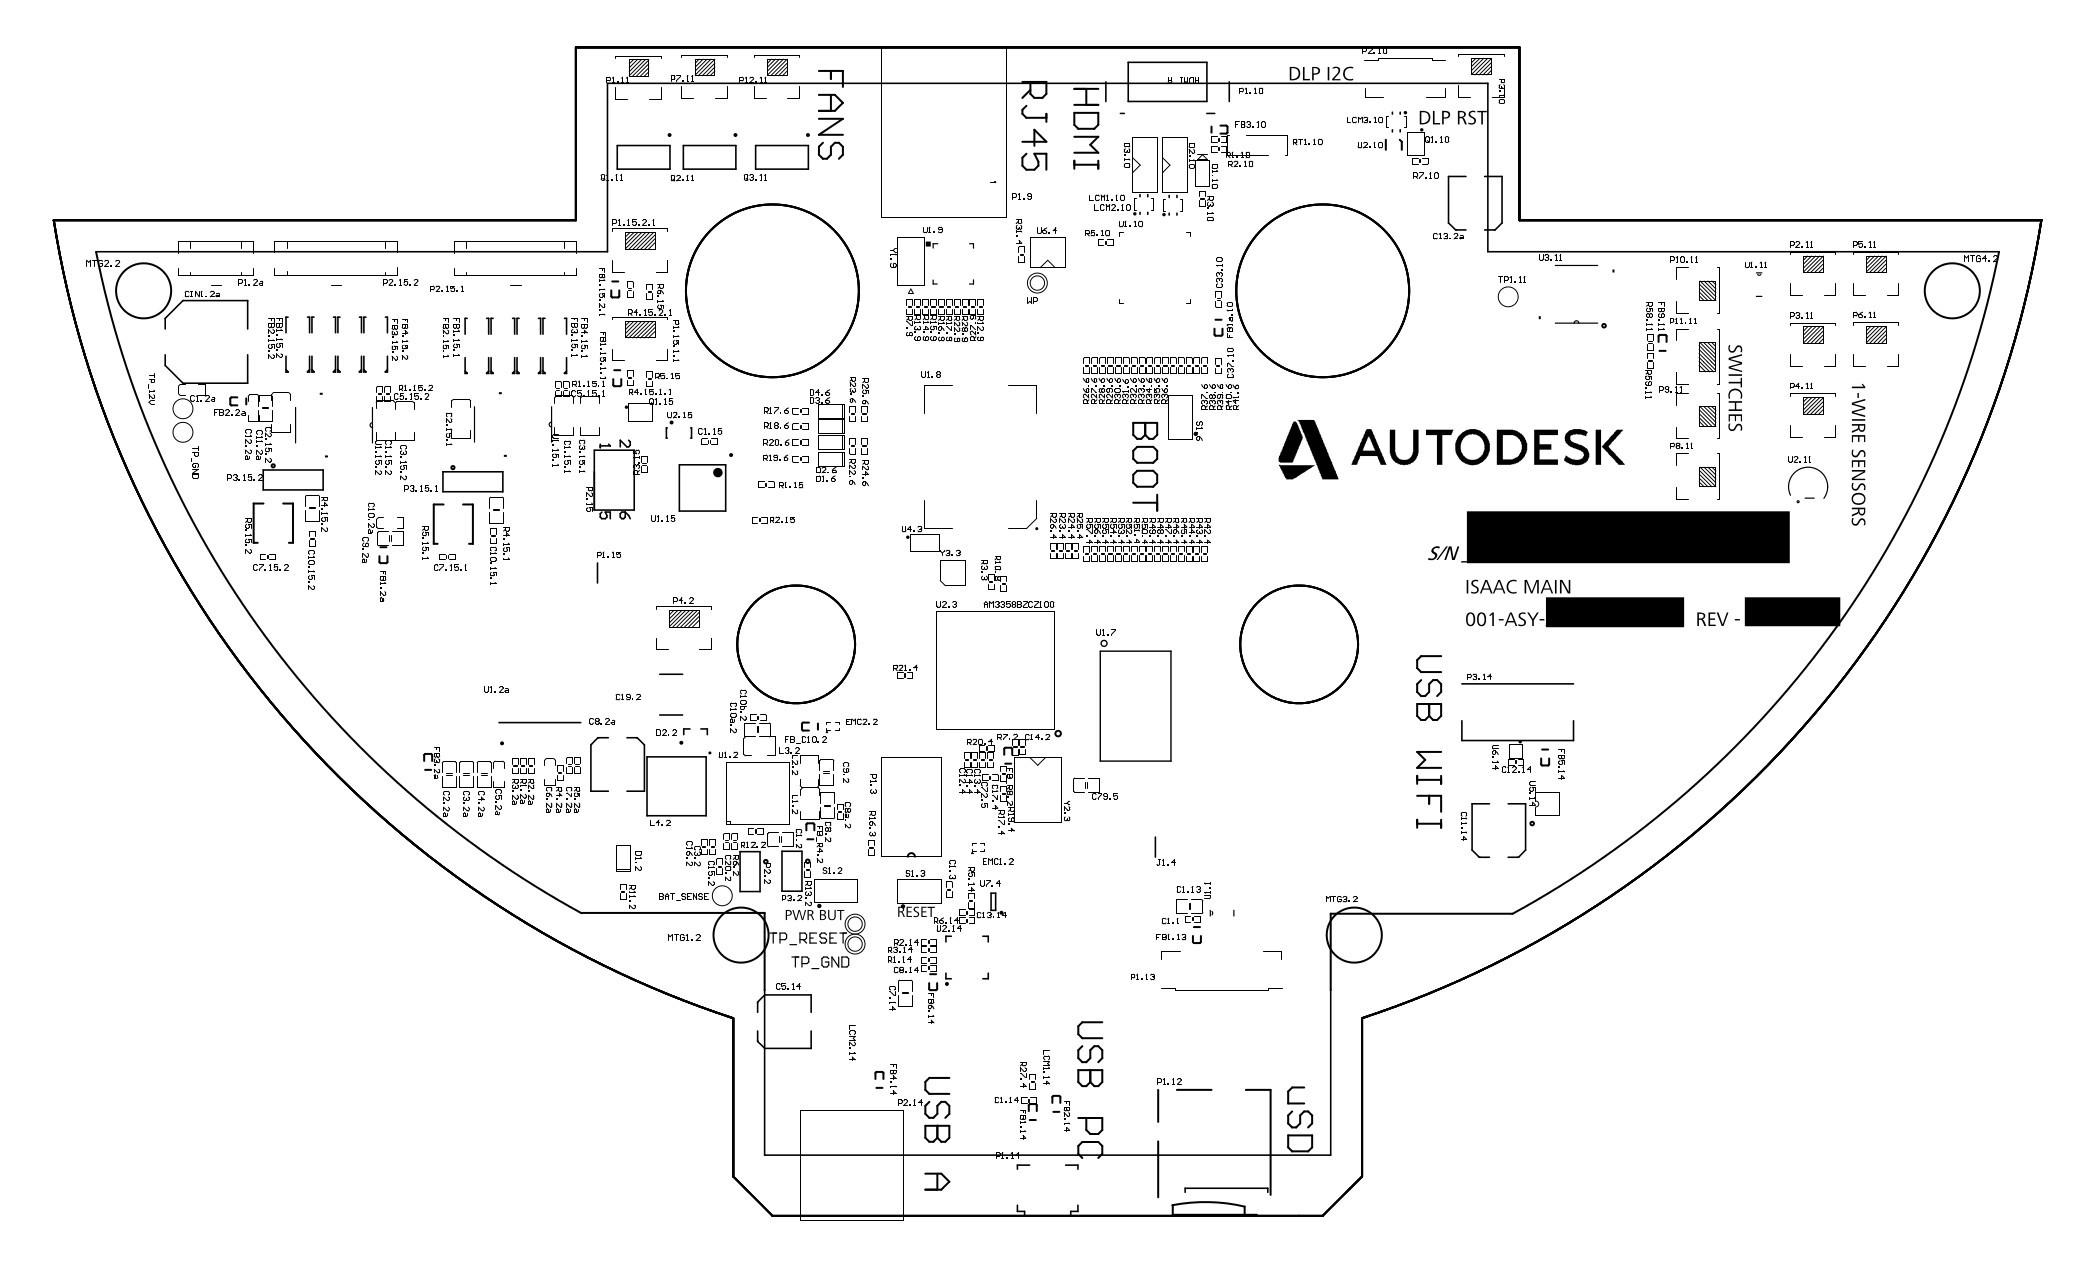 Autodesk open sources Linux-based 3D printer